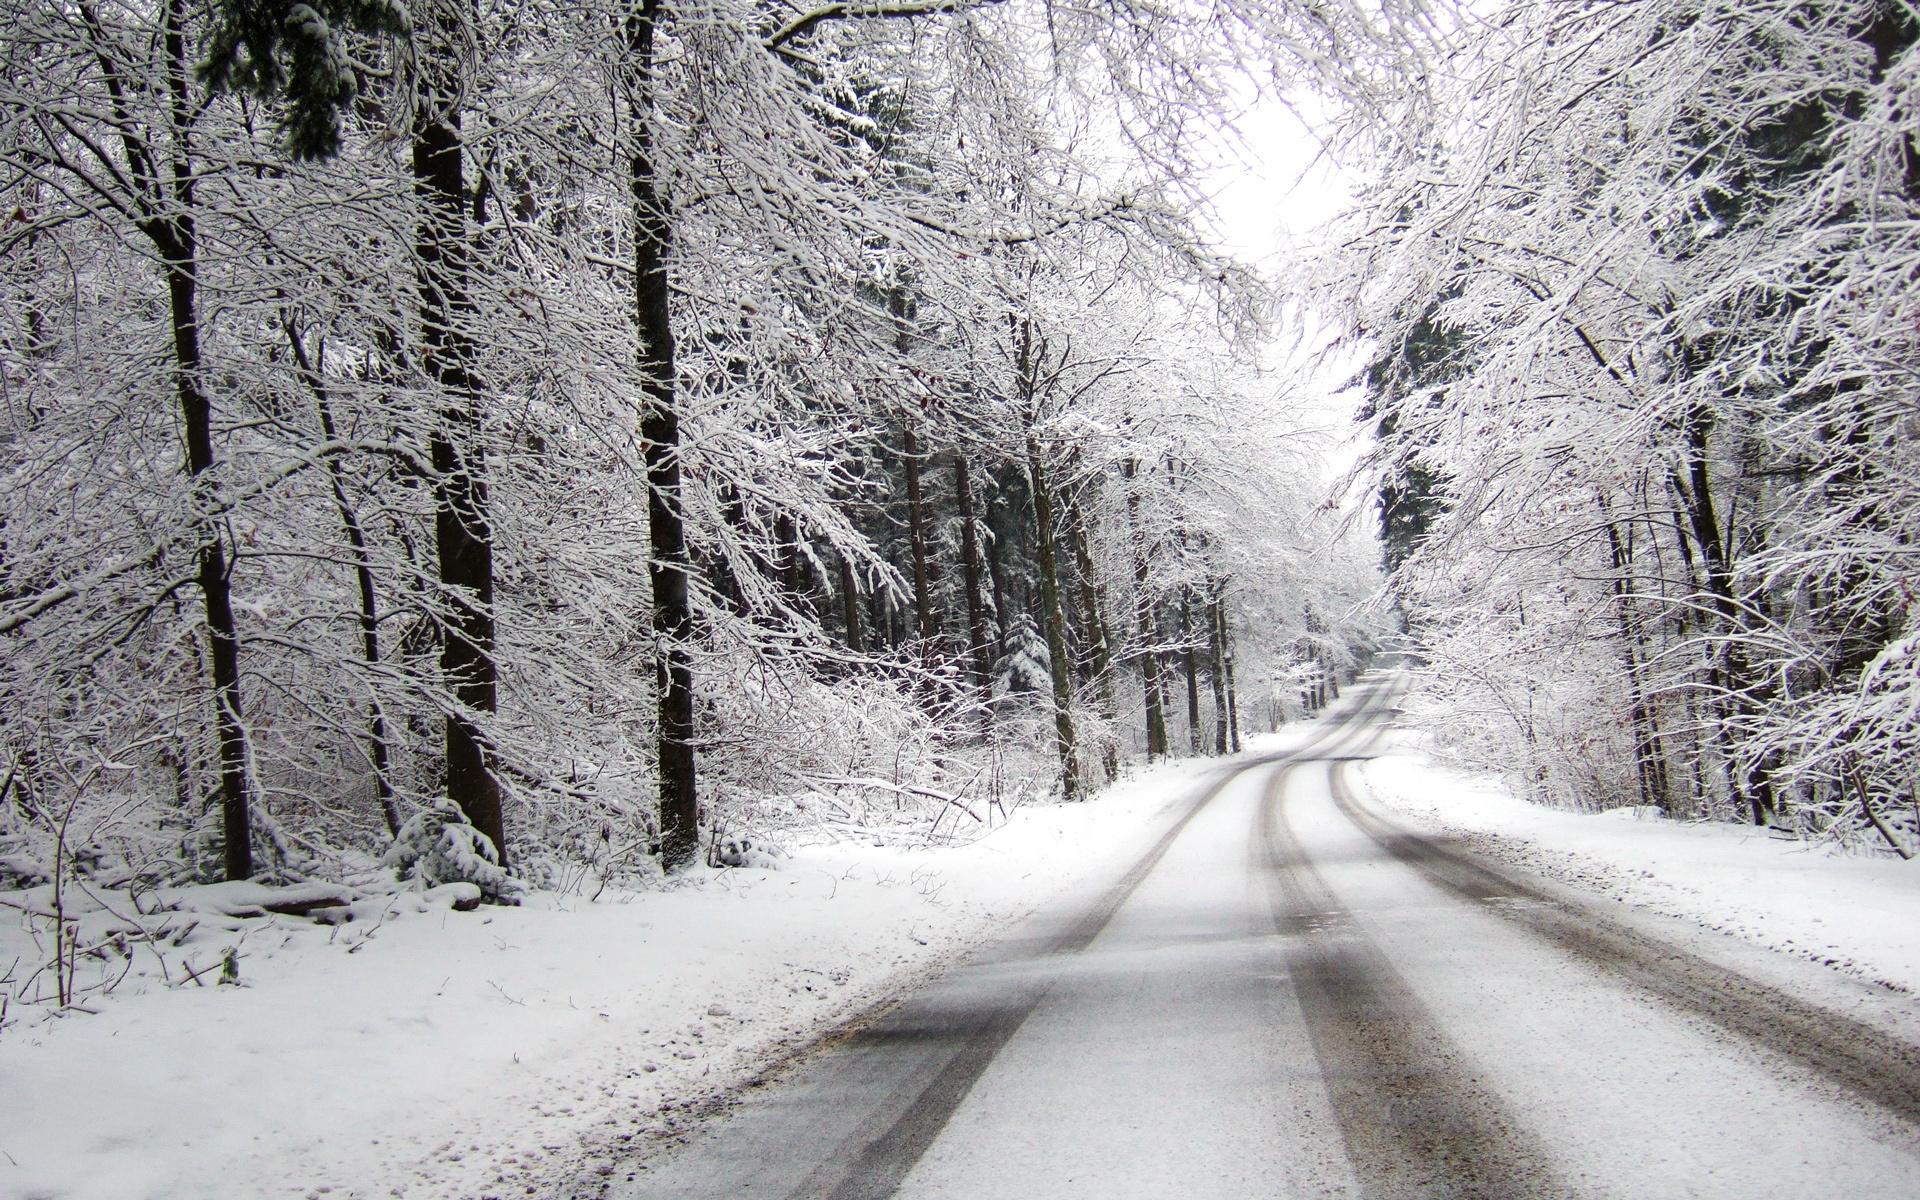 Забрана за камиони на патот Виница Берово и Виница Кочани поради обилни врнежи од снег